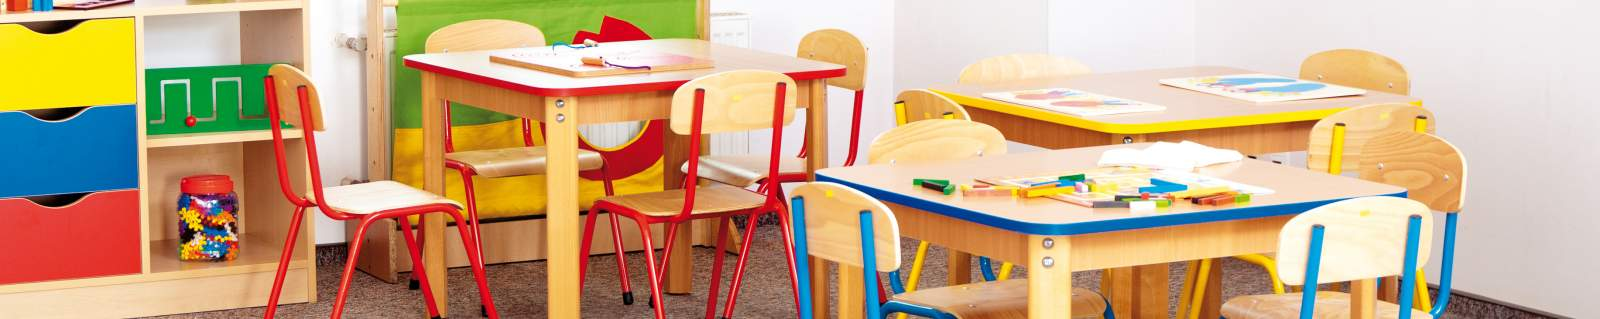 10 Consejos que no debes olvidar a la hora de crear un espacio infantil.